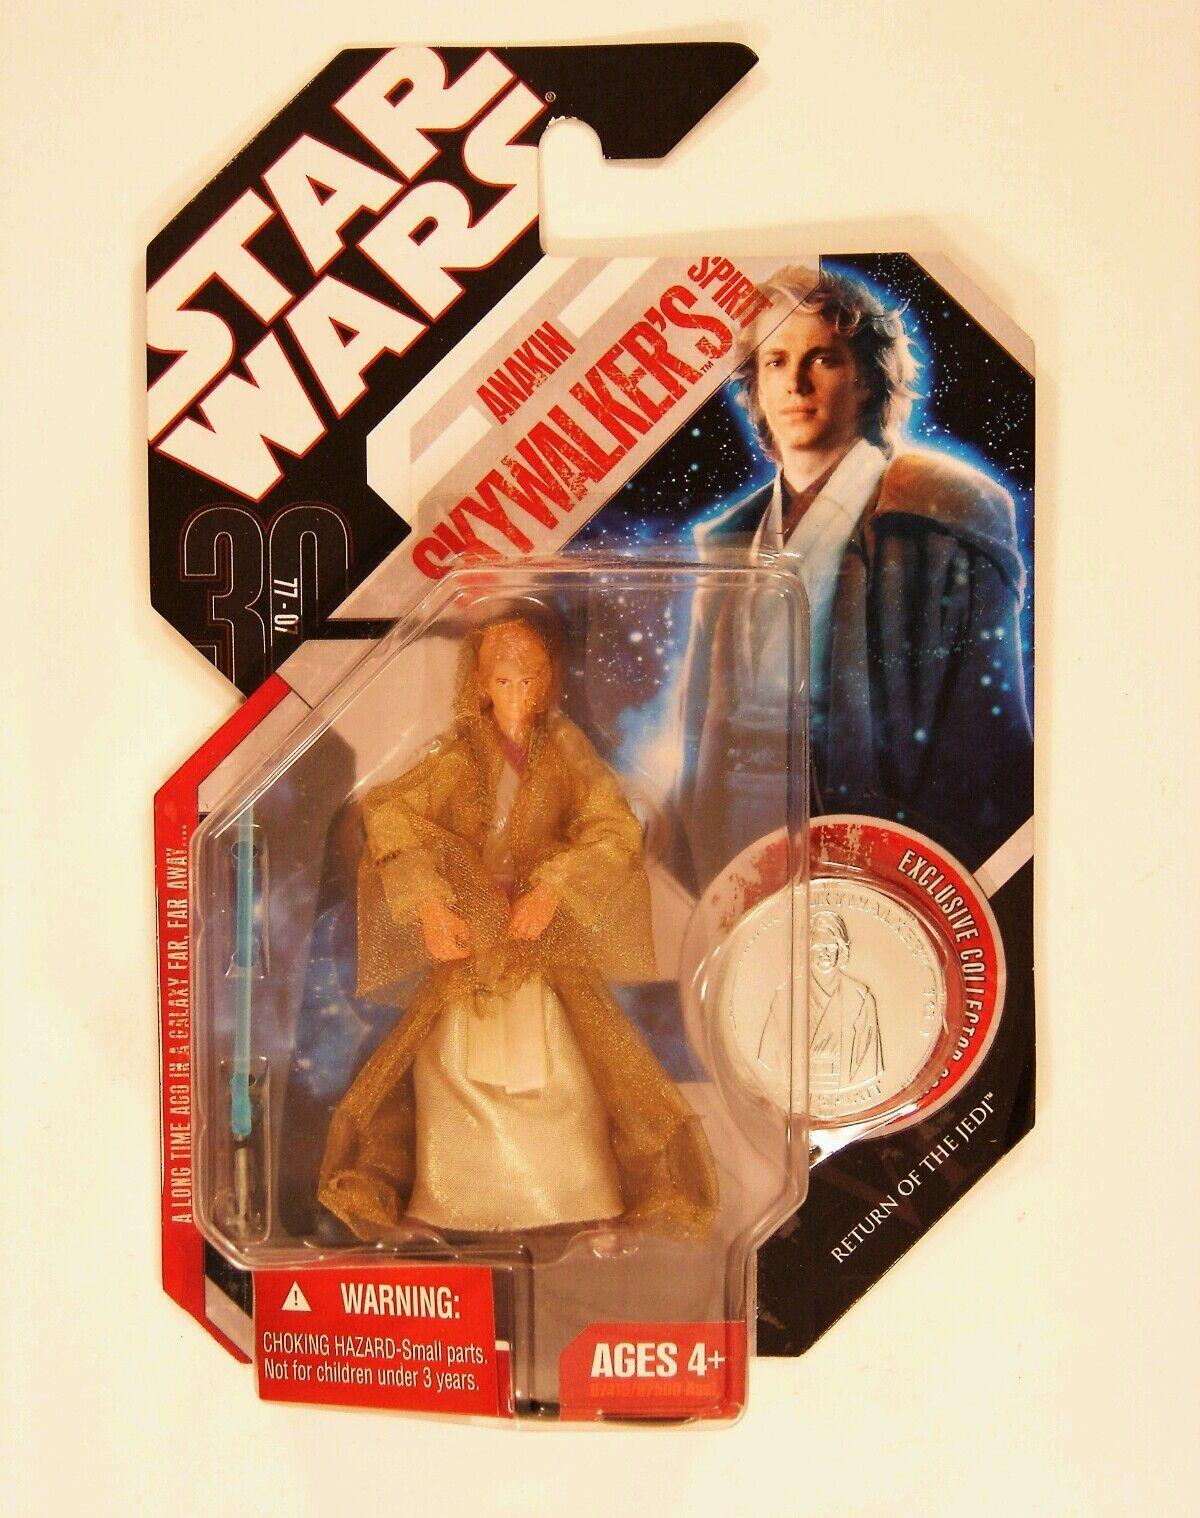 Hasbro Star Wars 30TH Aniversario Anakin Skywalker's espíritu figura con moneda